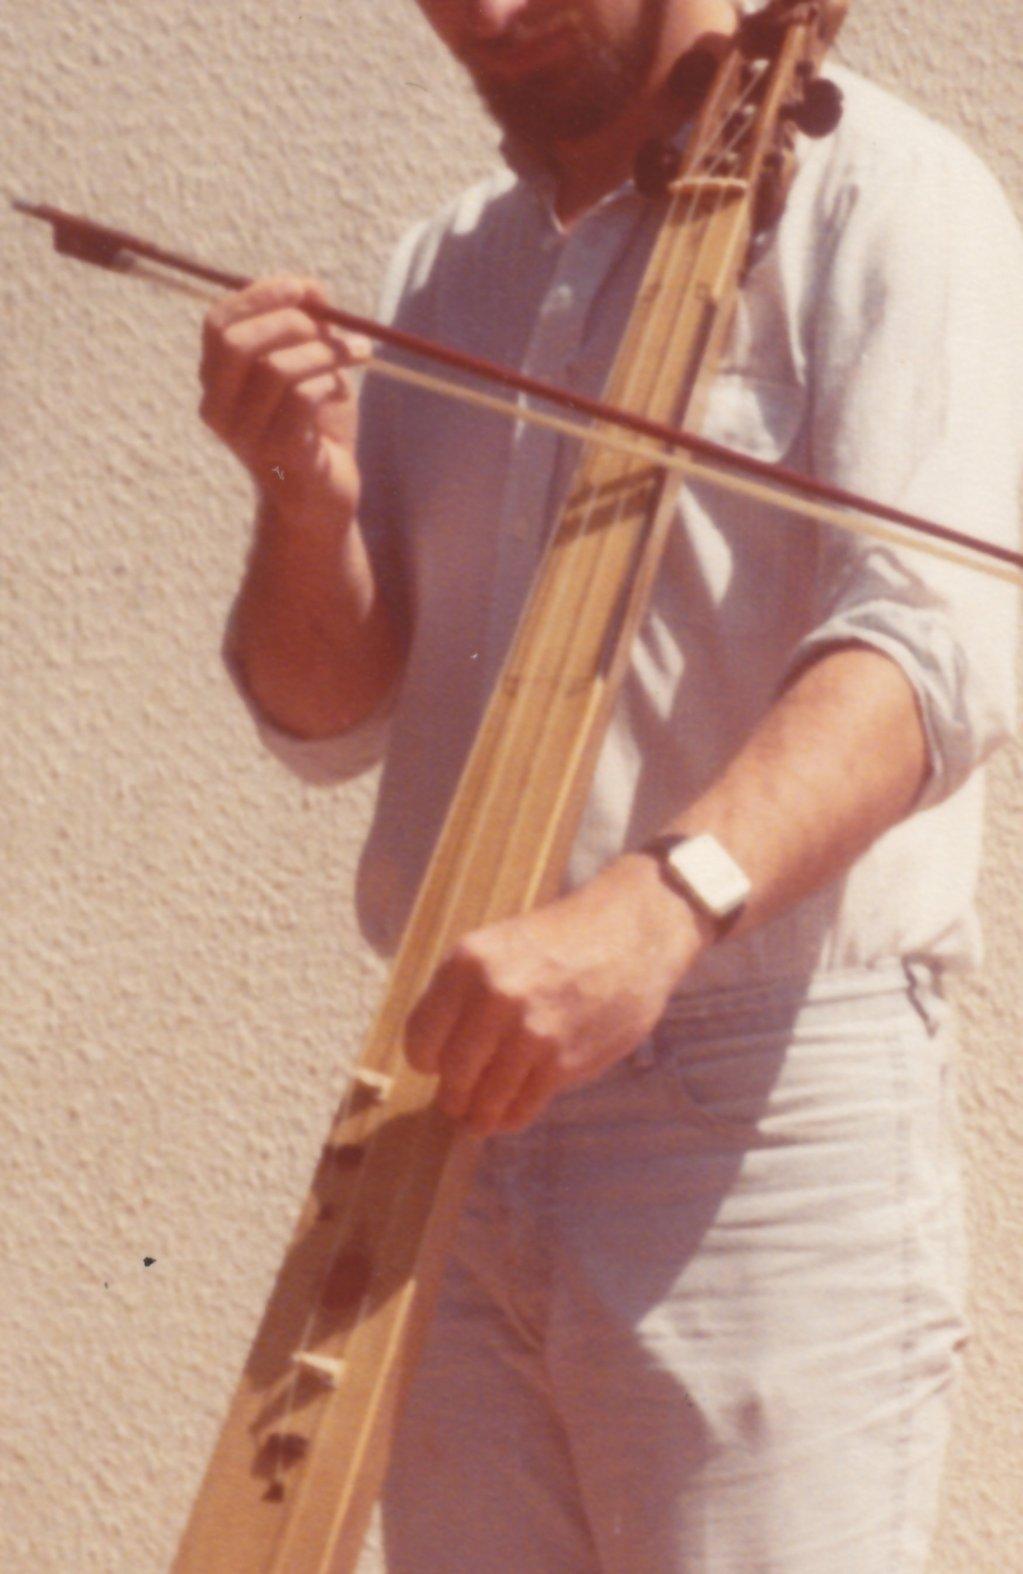 Fabrication d'instruments de musique anciens de bgire - Page 2 ZDv5Ib-1983-Trompette-marine-02